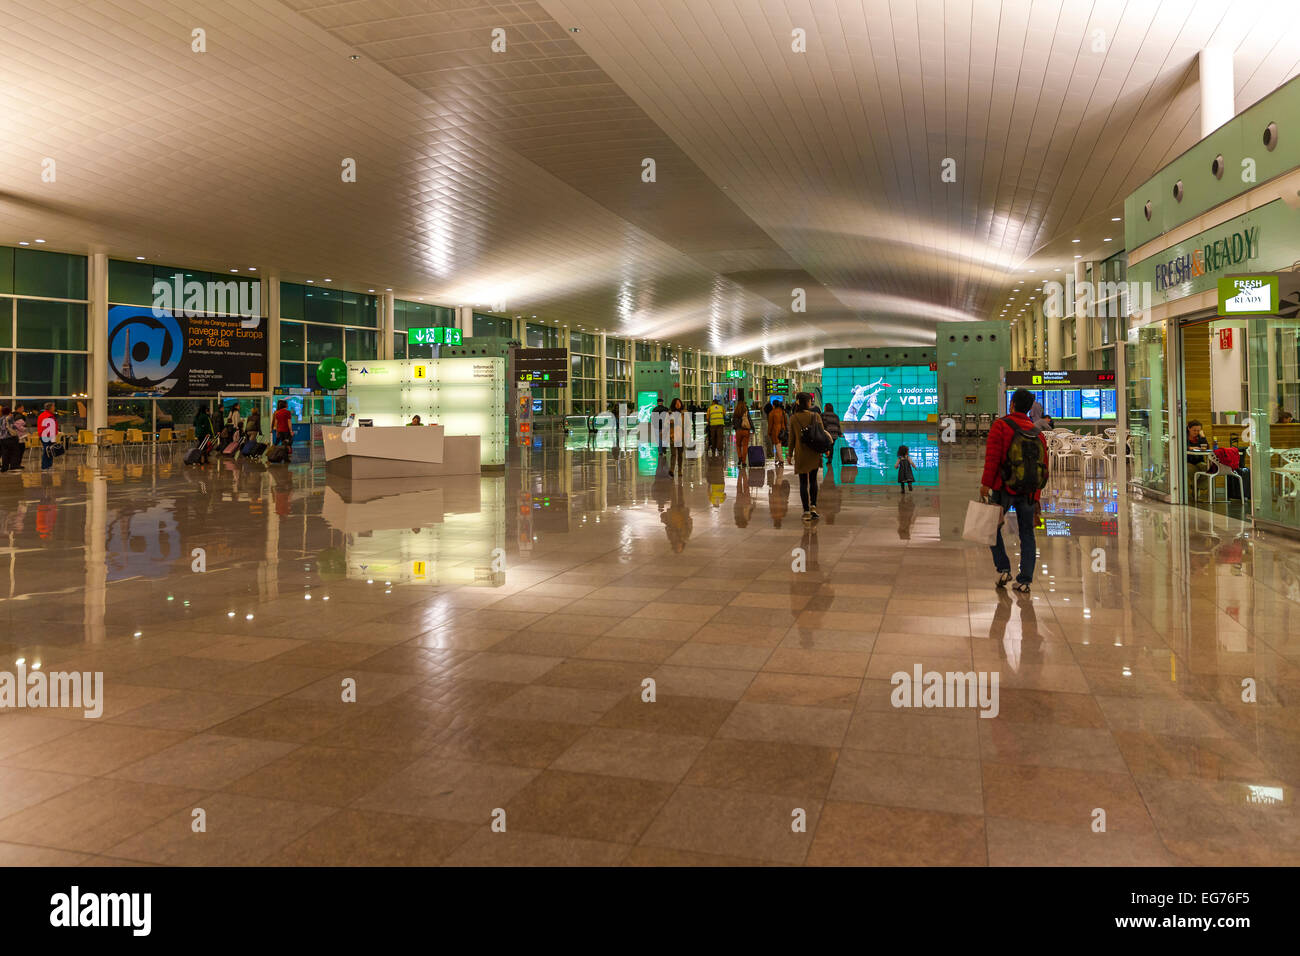 Spanien, Kanarische Inseln, Lanzarote, Arrecife, Innenansicht des beleuchteten Flughafen am Morgen Stockbild